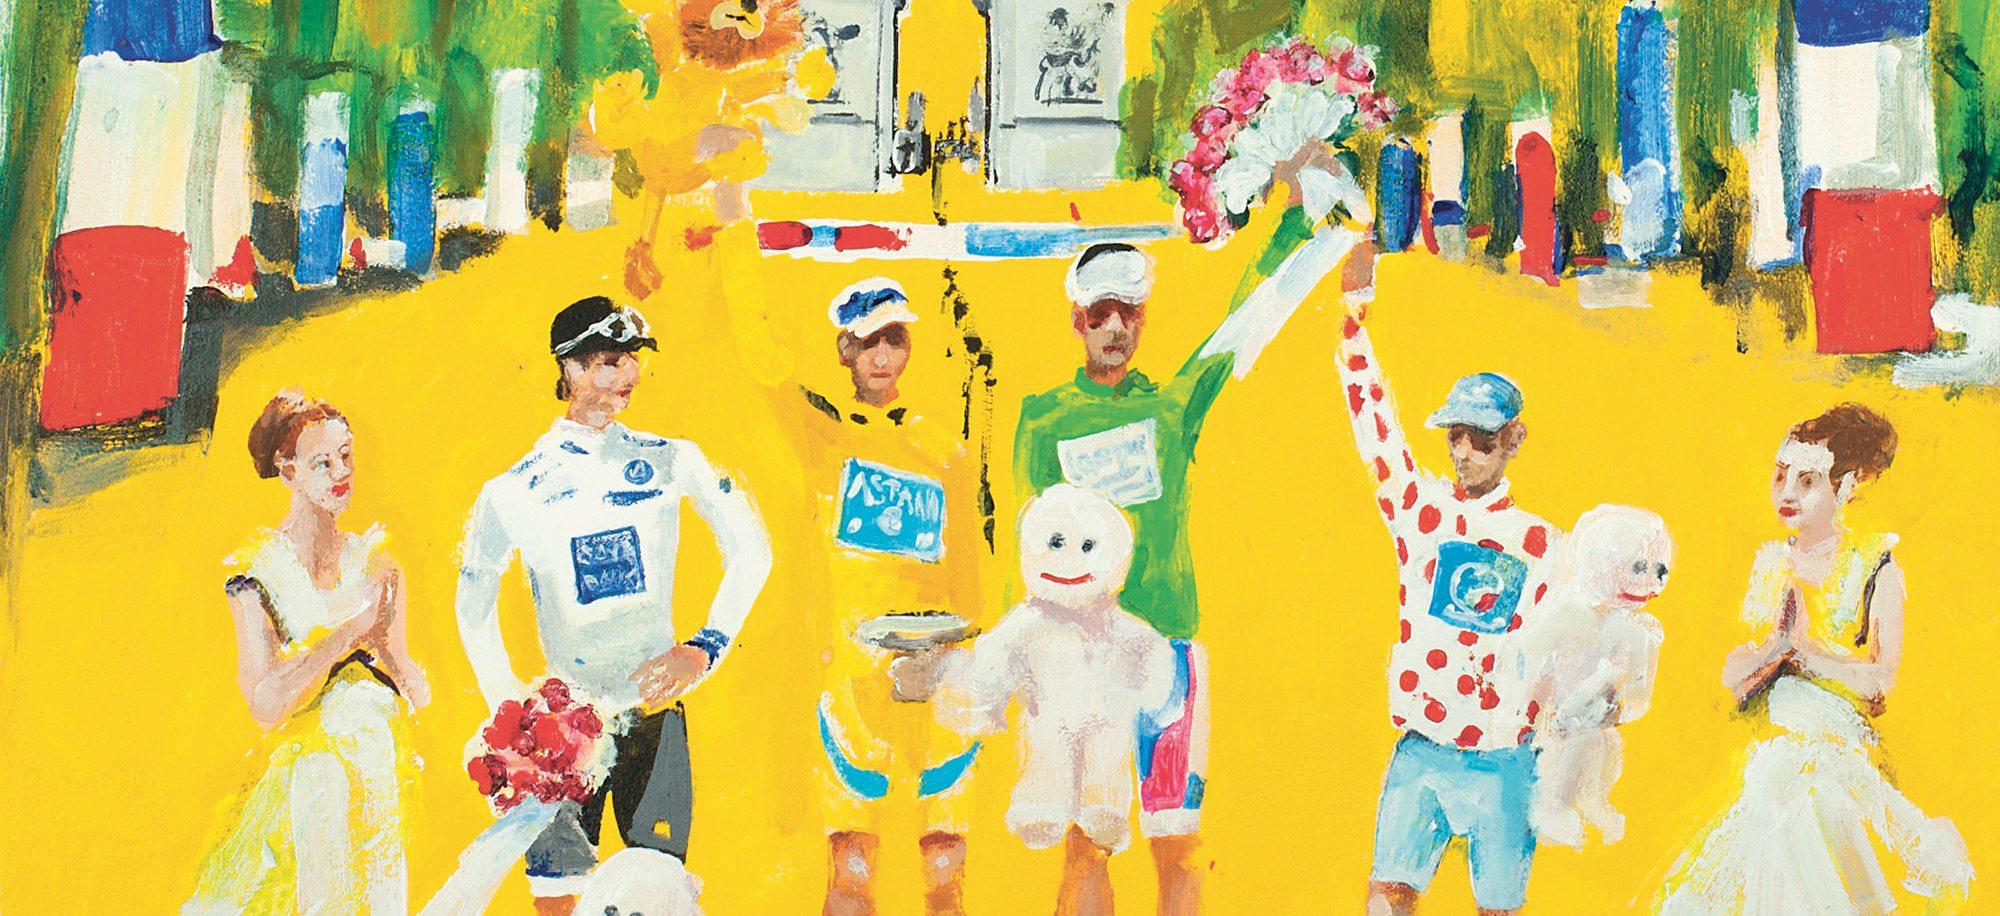 The Tour de France on the Champs Élysées